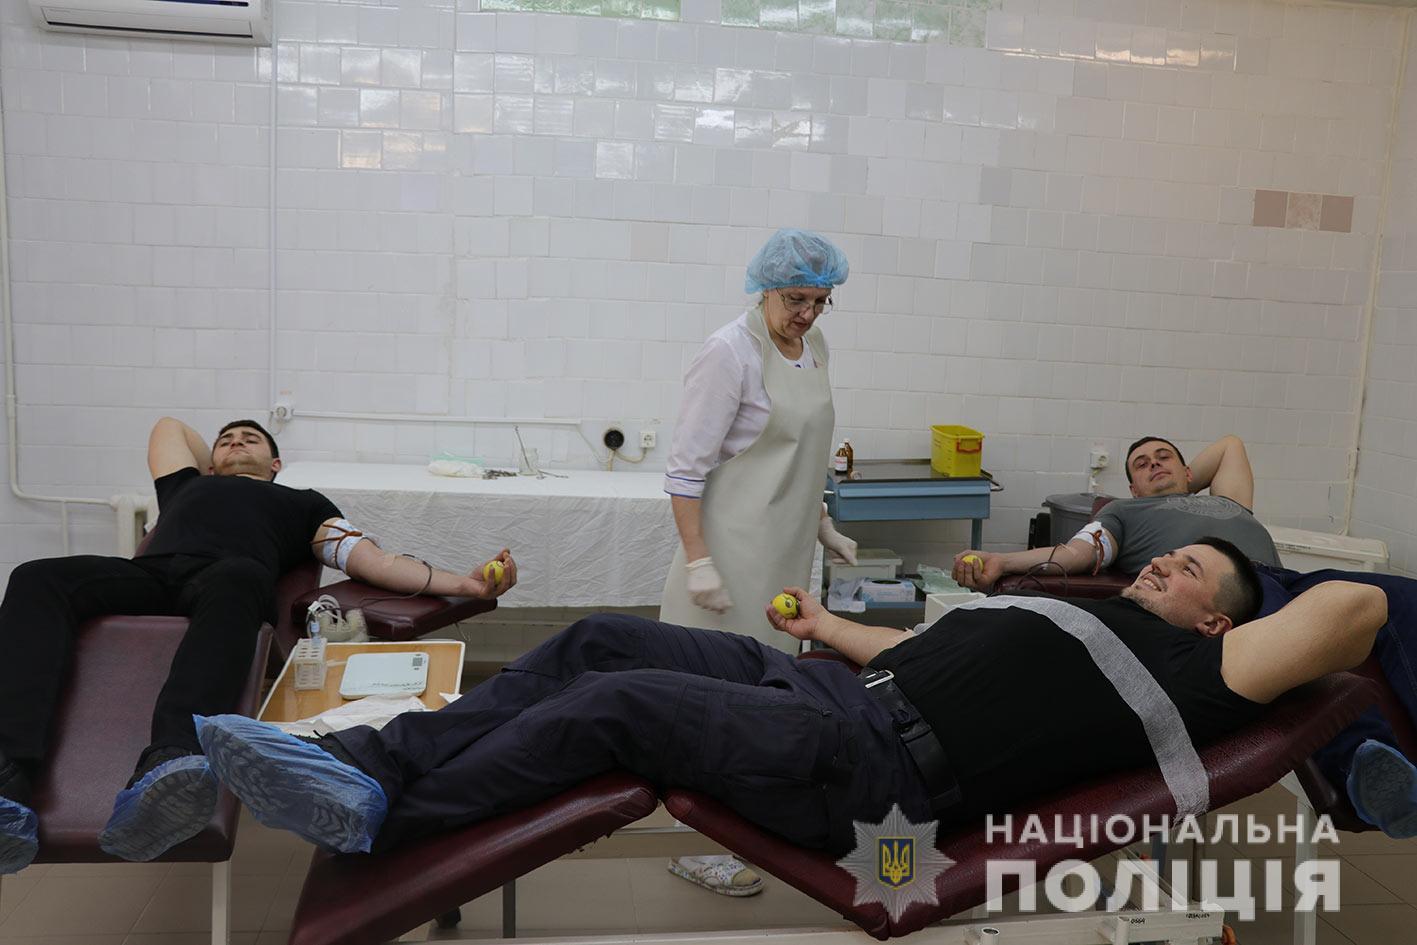 В Днепре полицейские сдавали кровь для водителя, который пытался остановить убийцу патрульных. Новости Днепра.